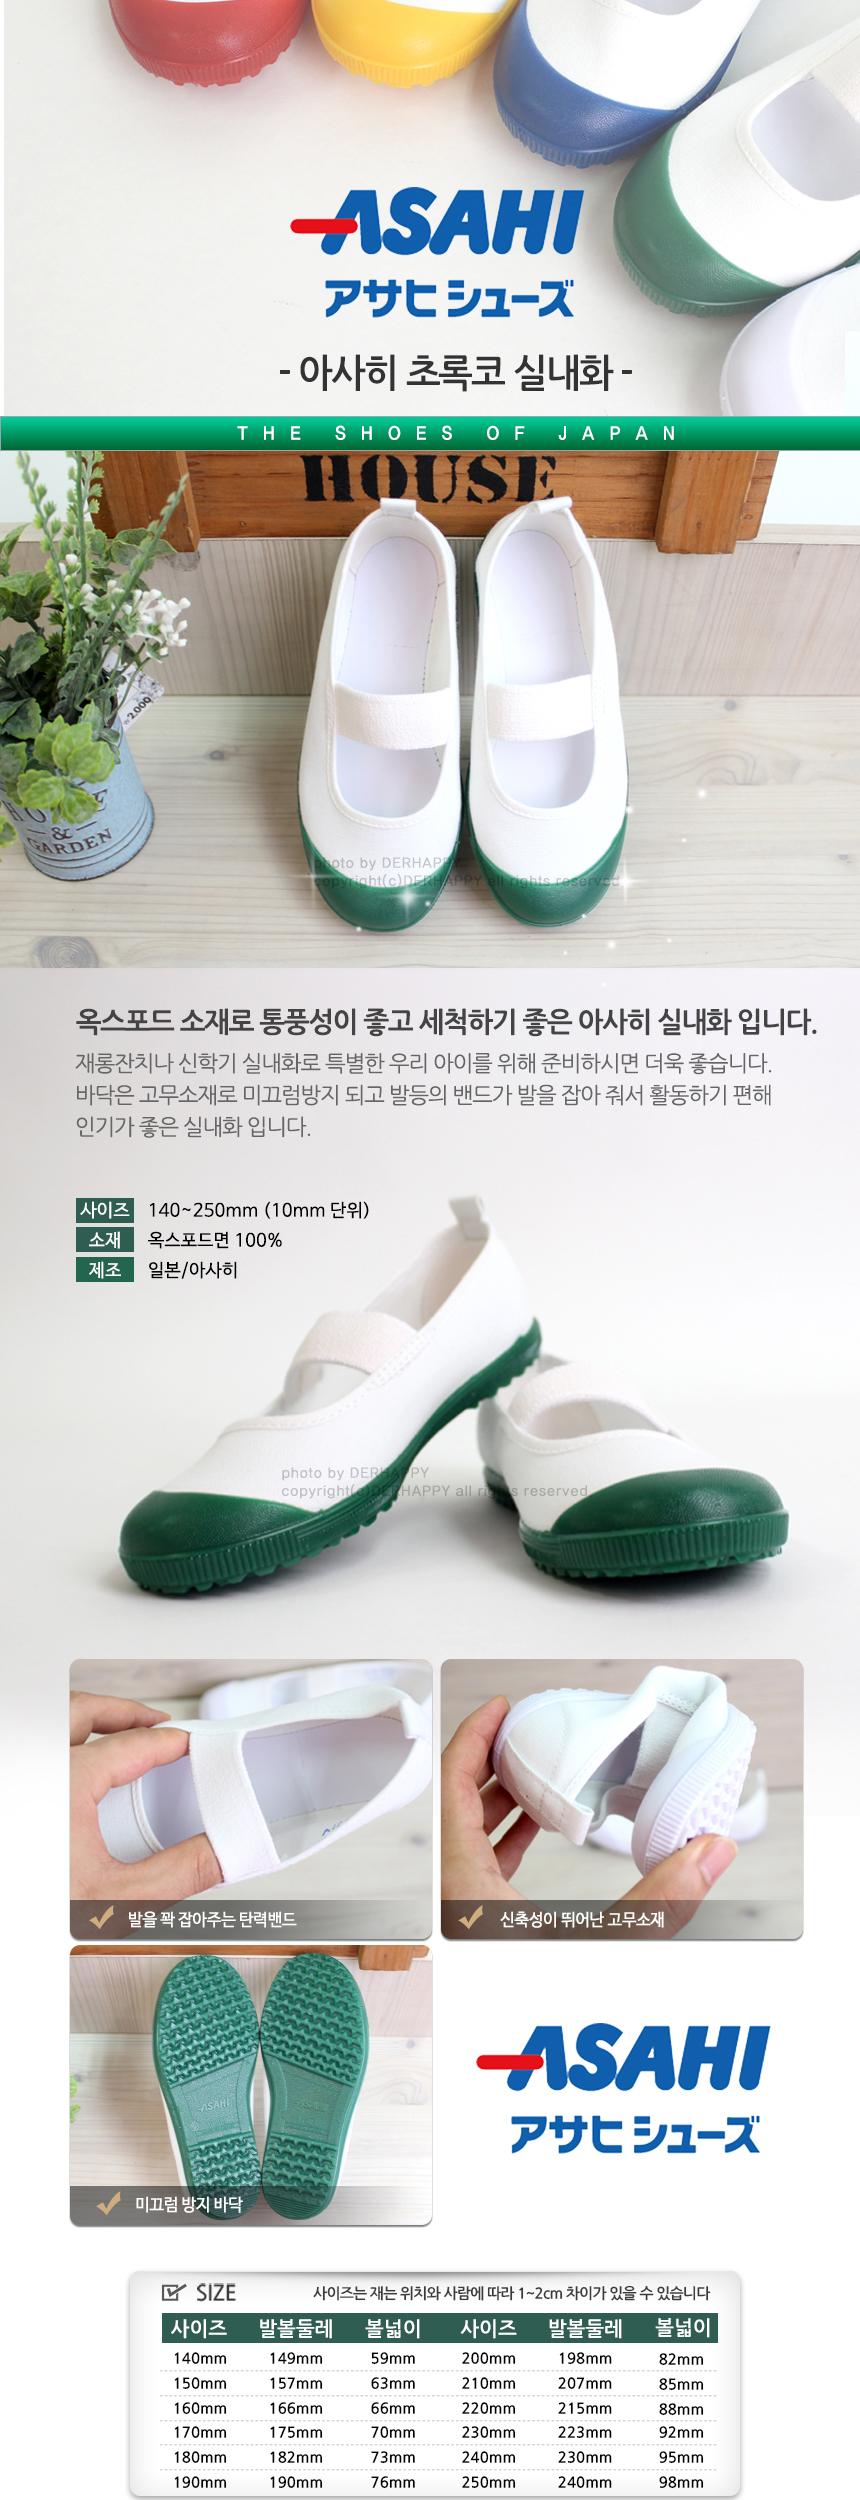 정품 vk 아사히 초록코 실내화 - 더해피, 19,900원, 신발, 실내화